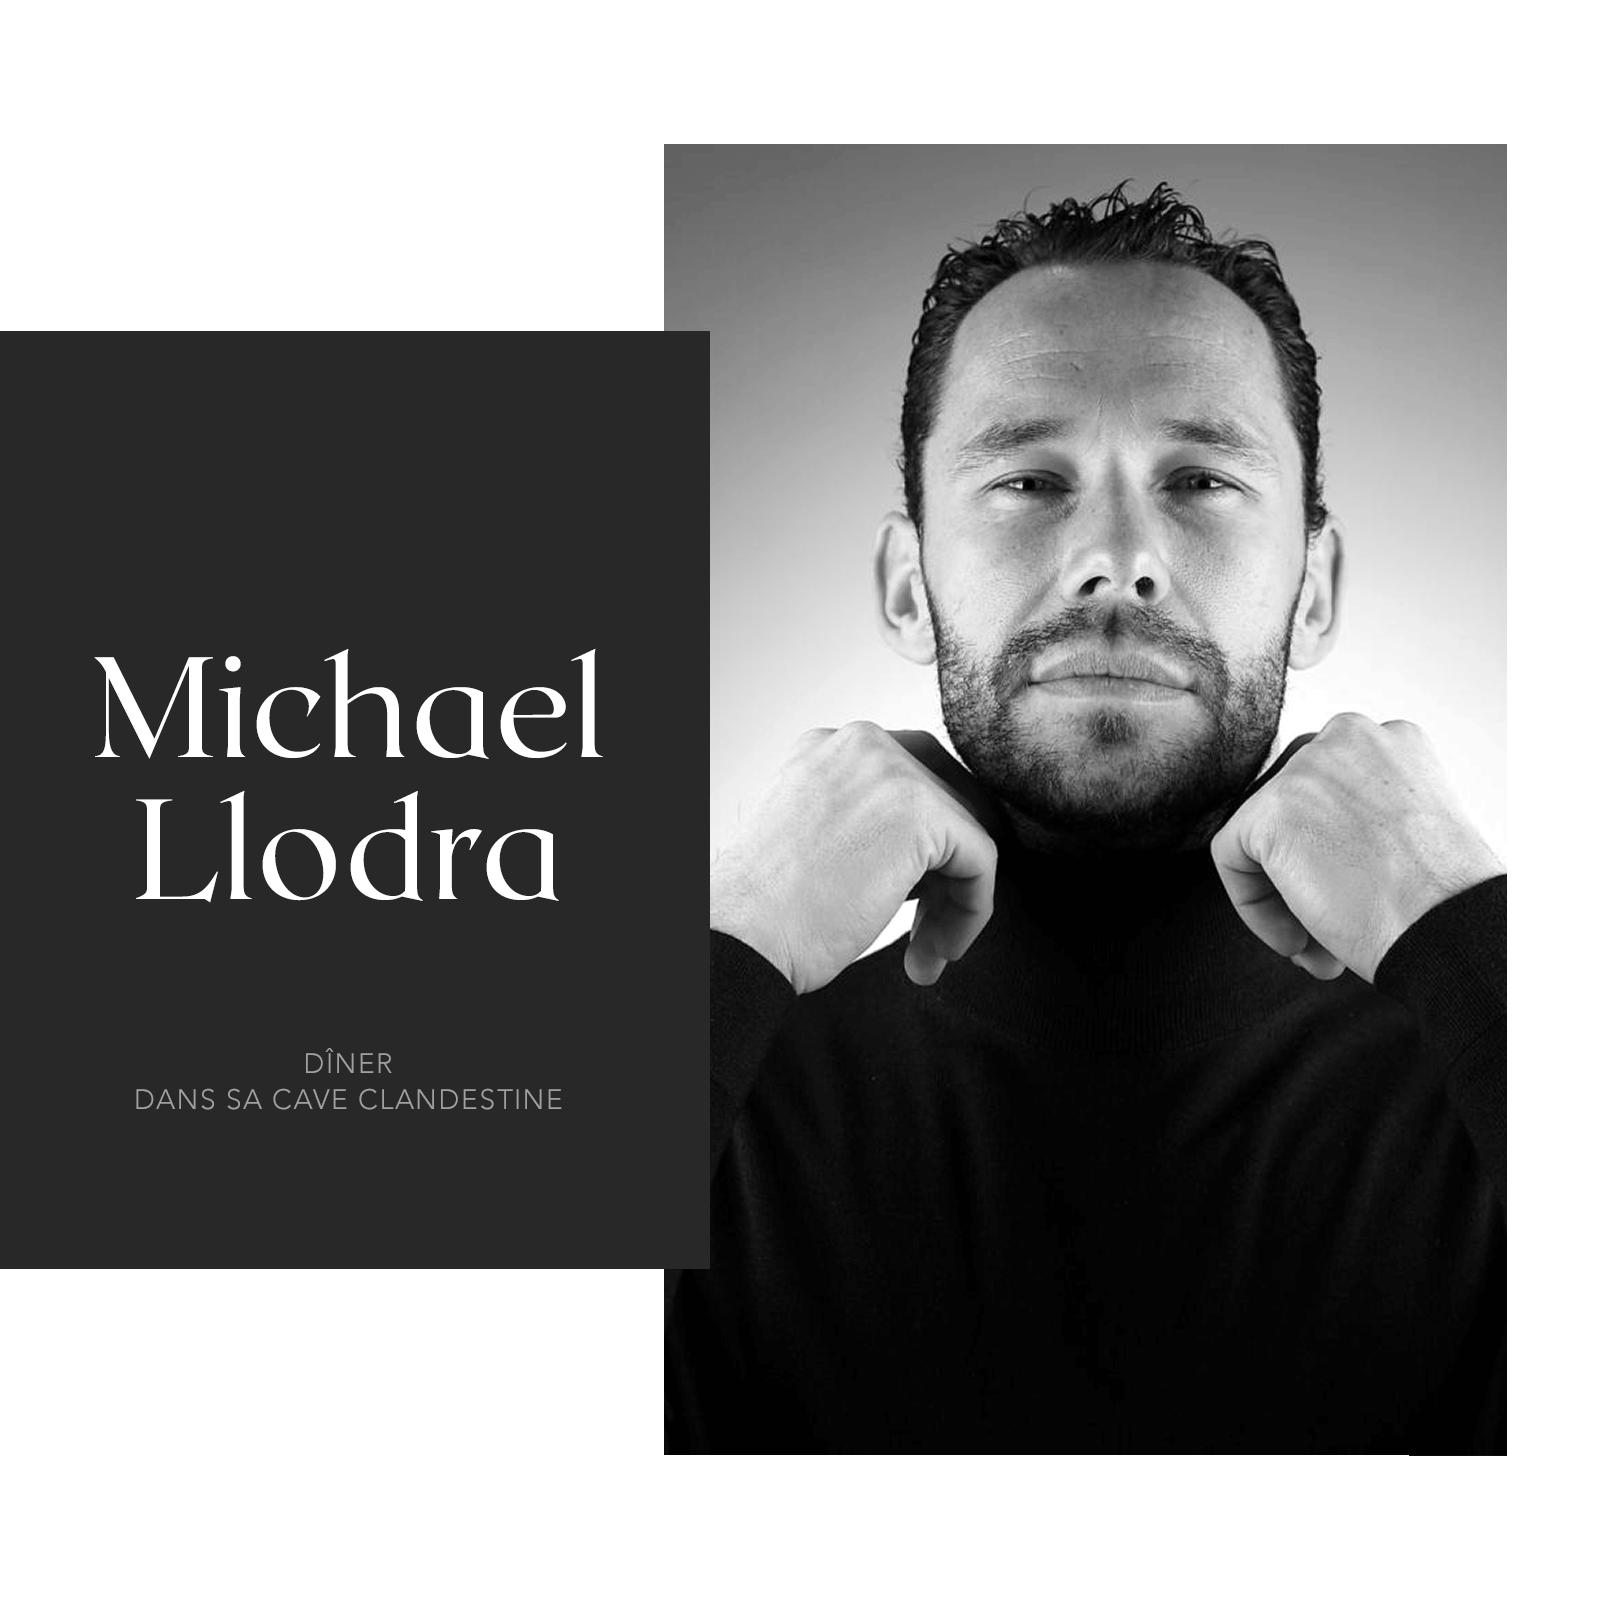 Michaël Llodra